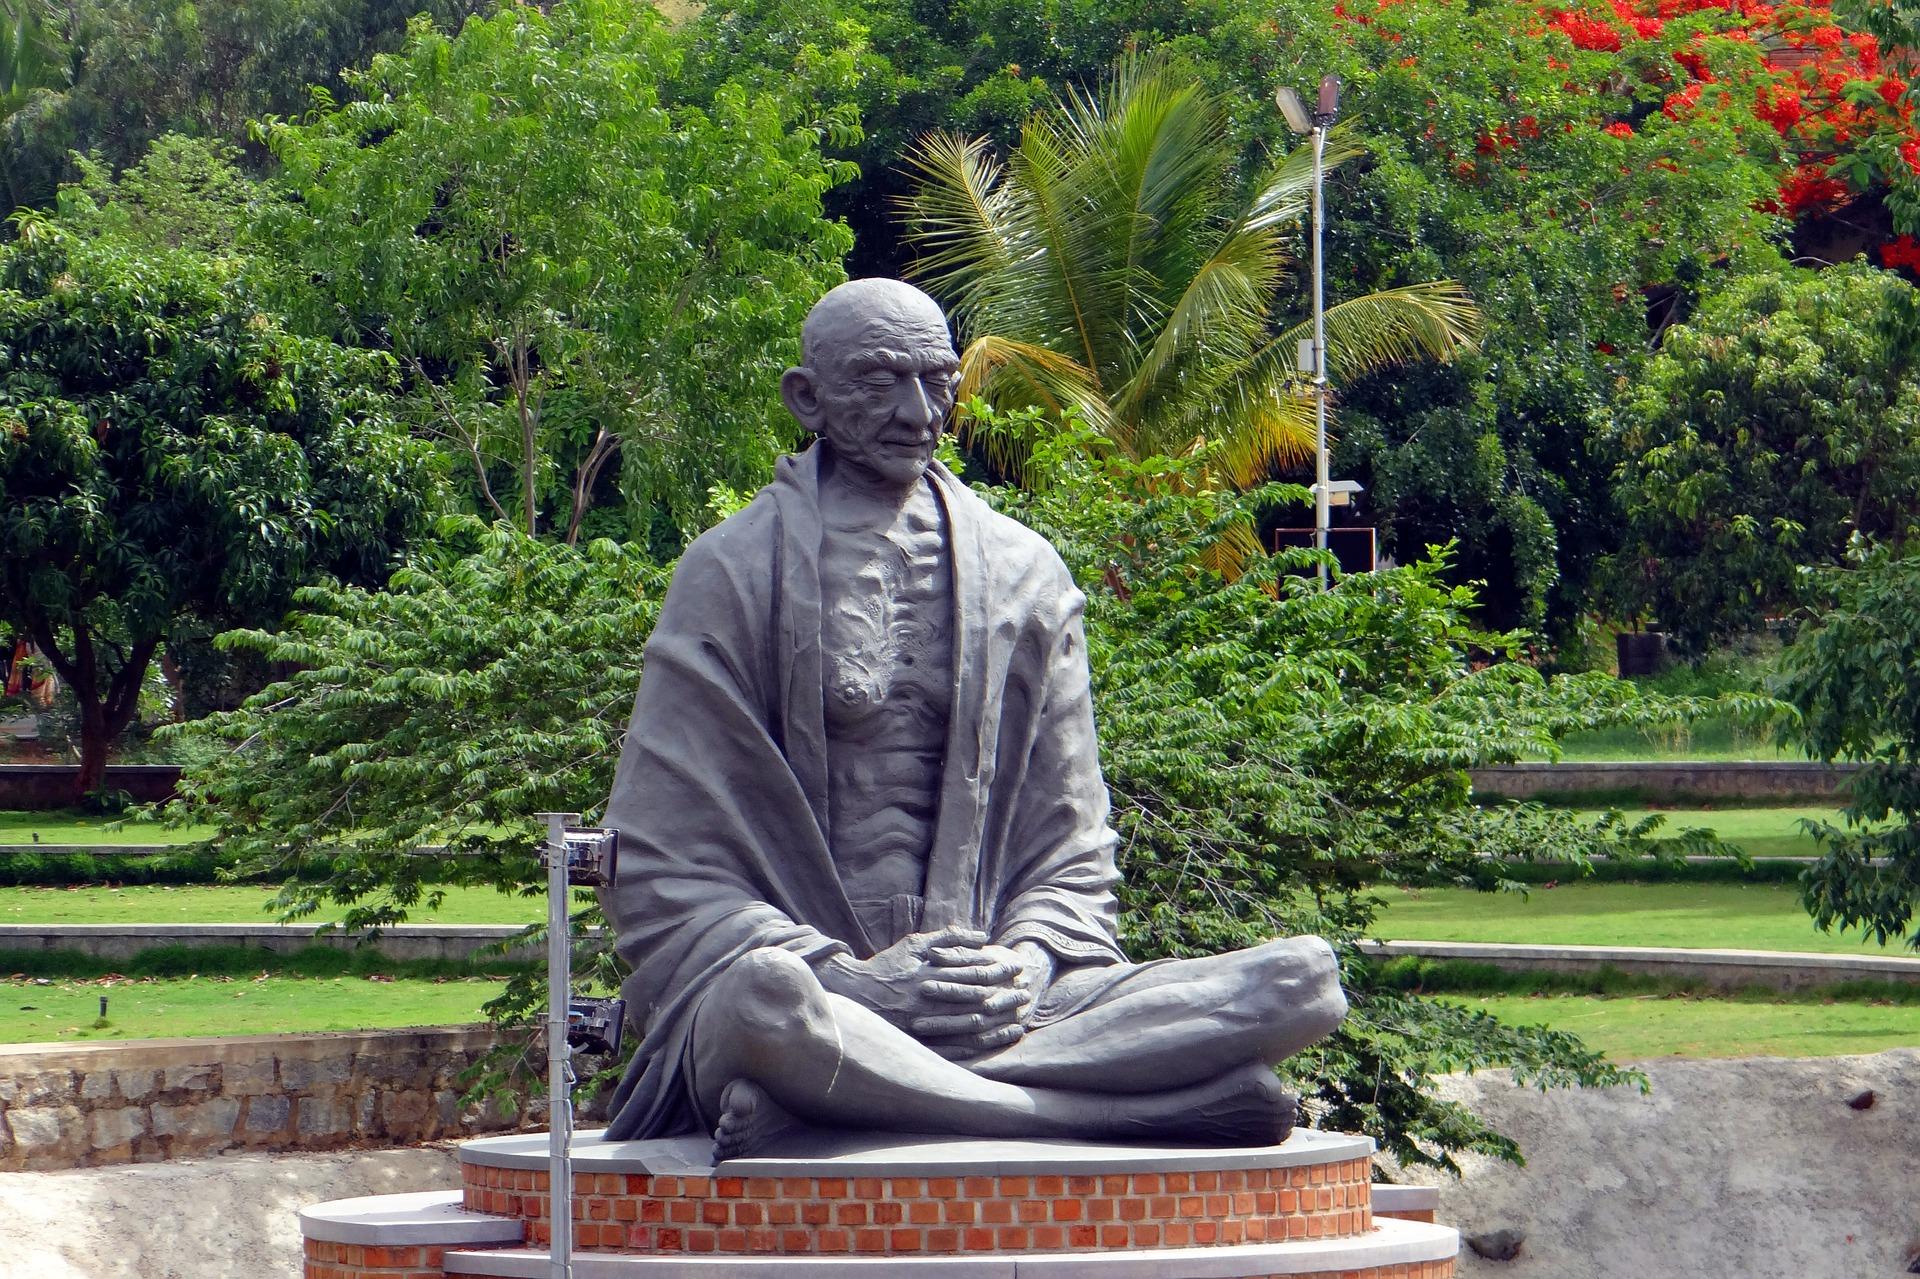 statue-369845_1920